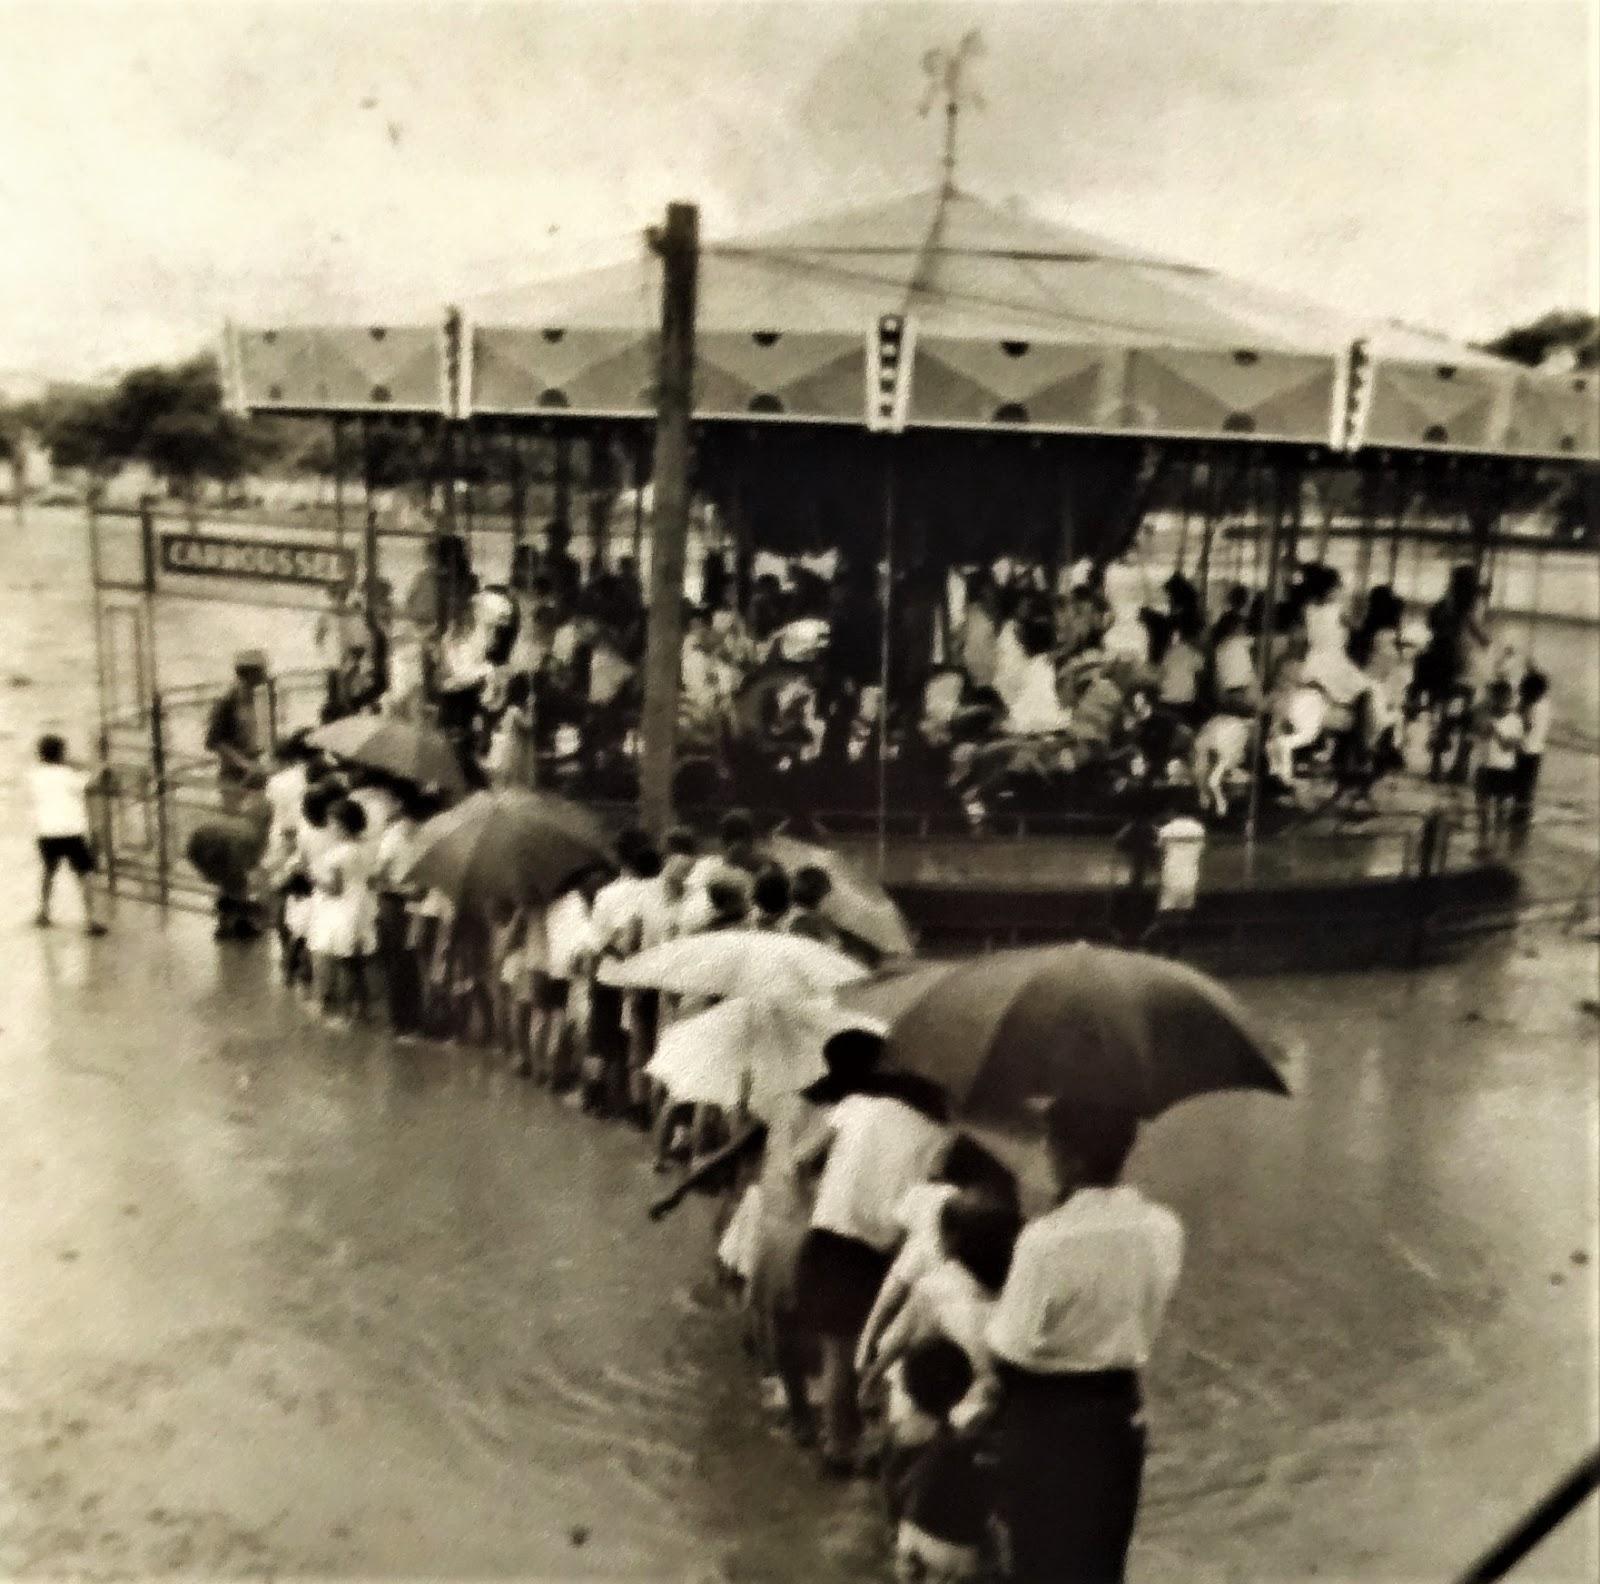 Carrossel em Maringá - Década de 1960